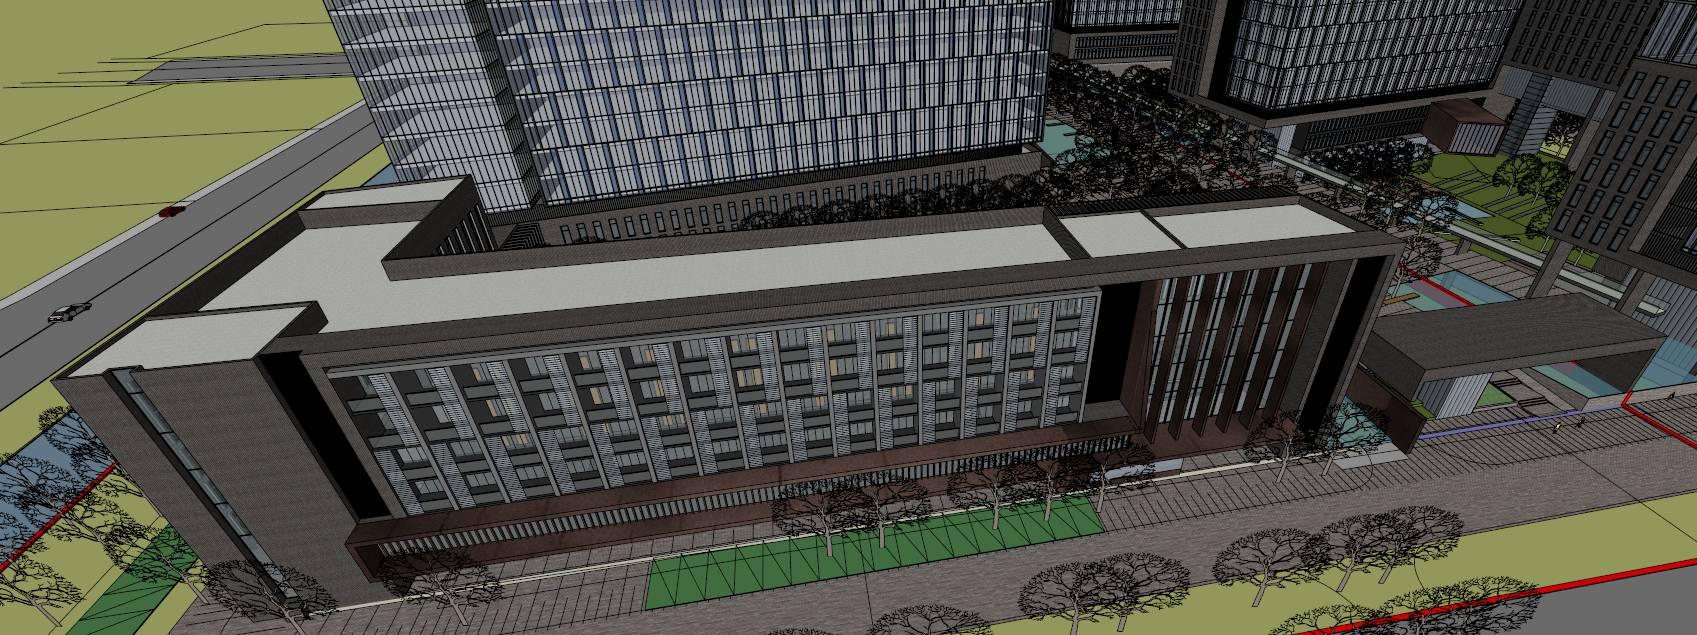 杭州信息港办公楼